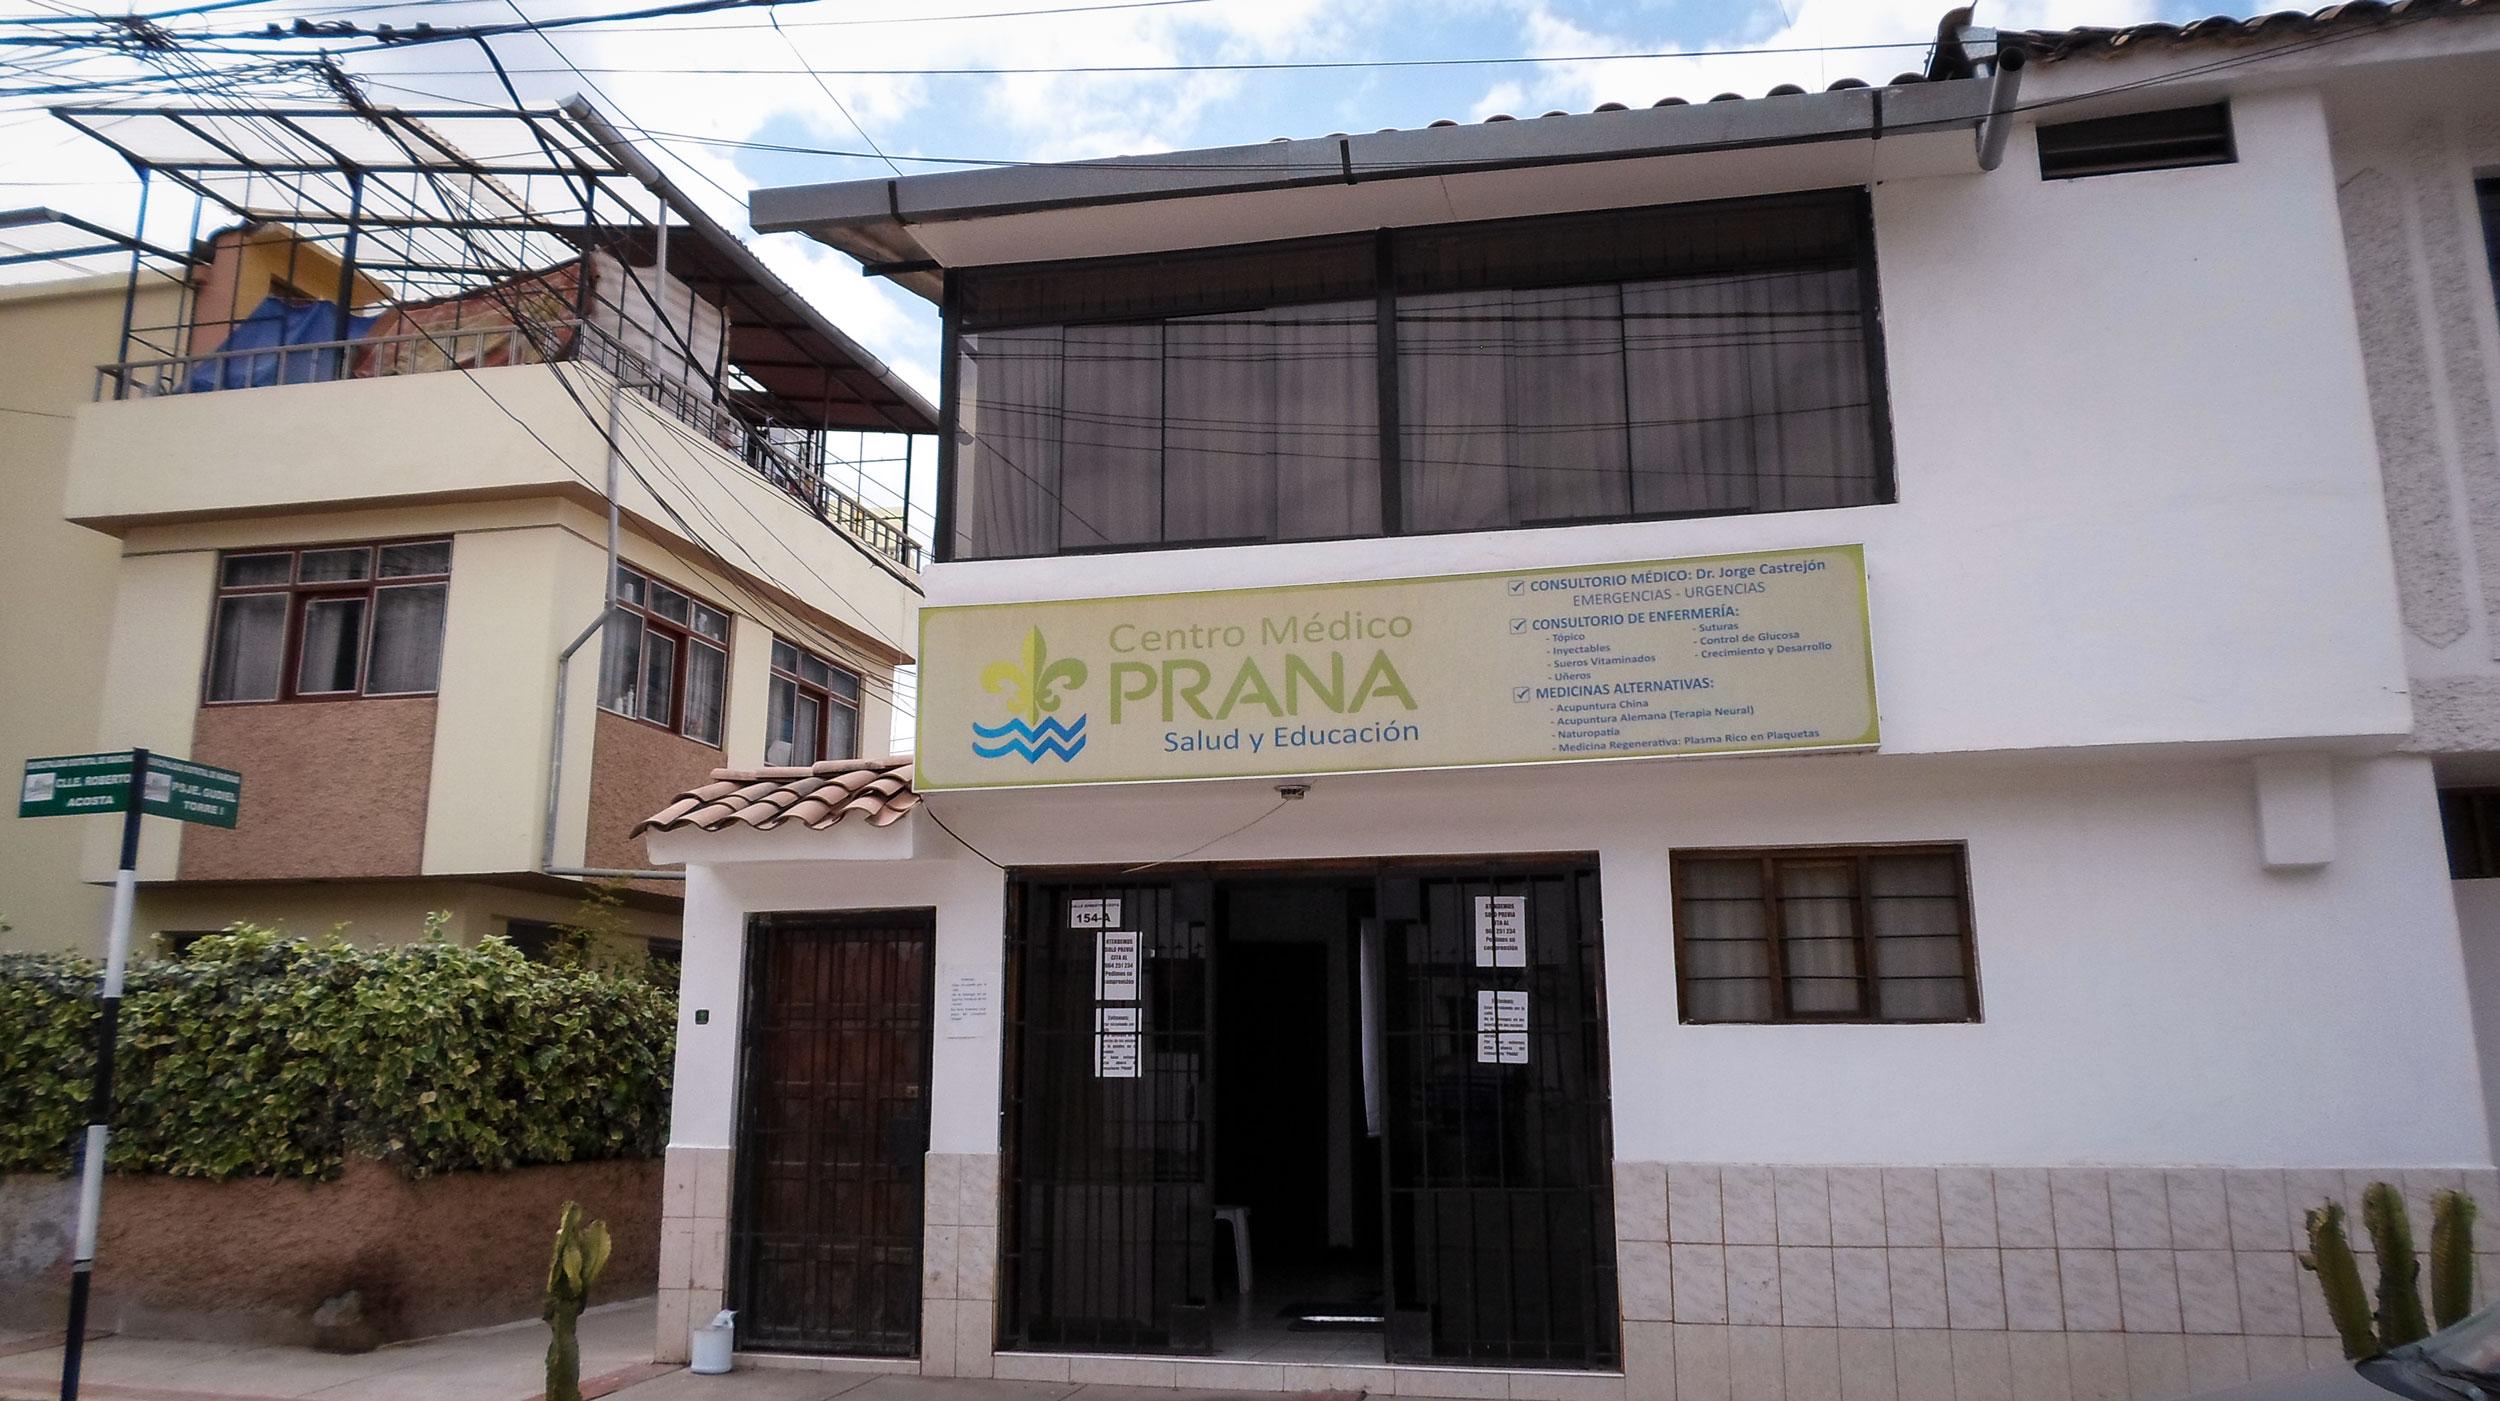 Centro Médico Prana